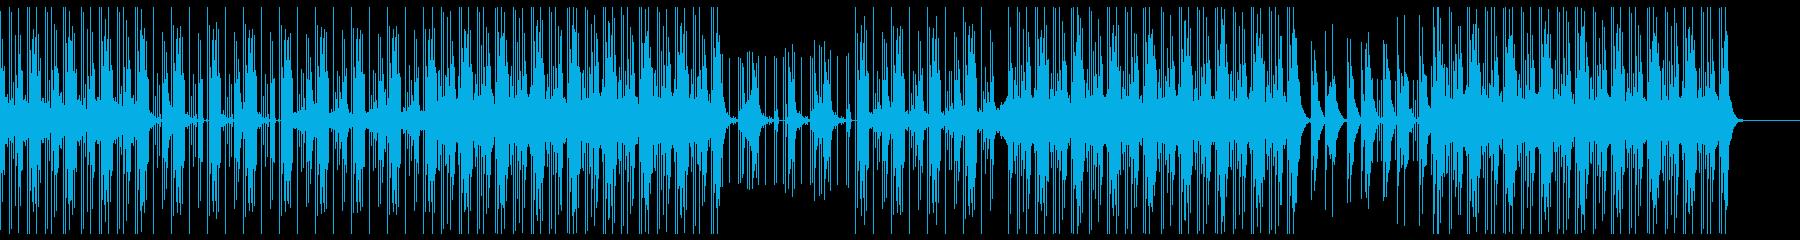 スリリング 洋楽 トラップビートの再生済みの波形